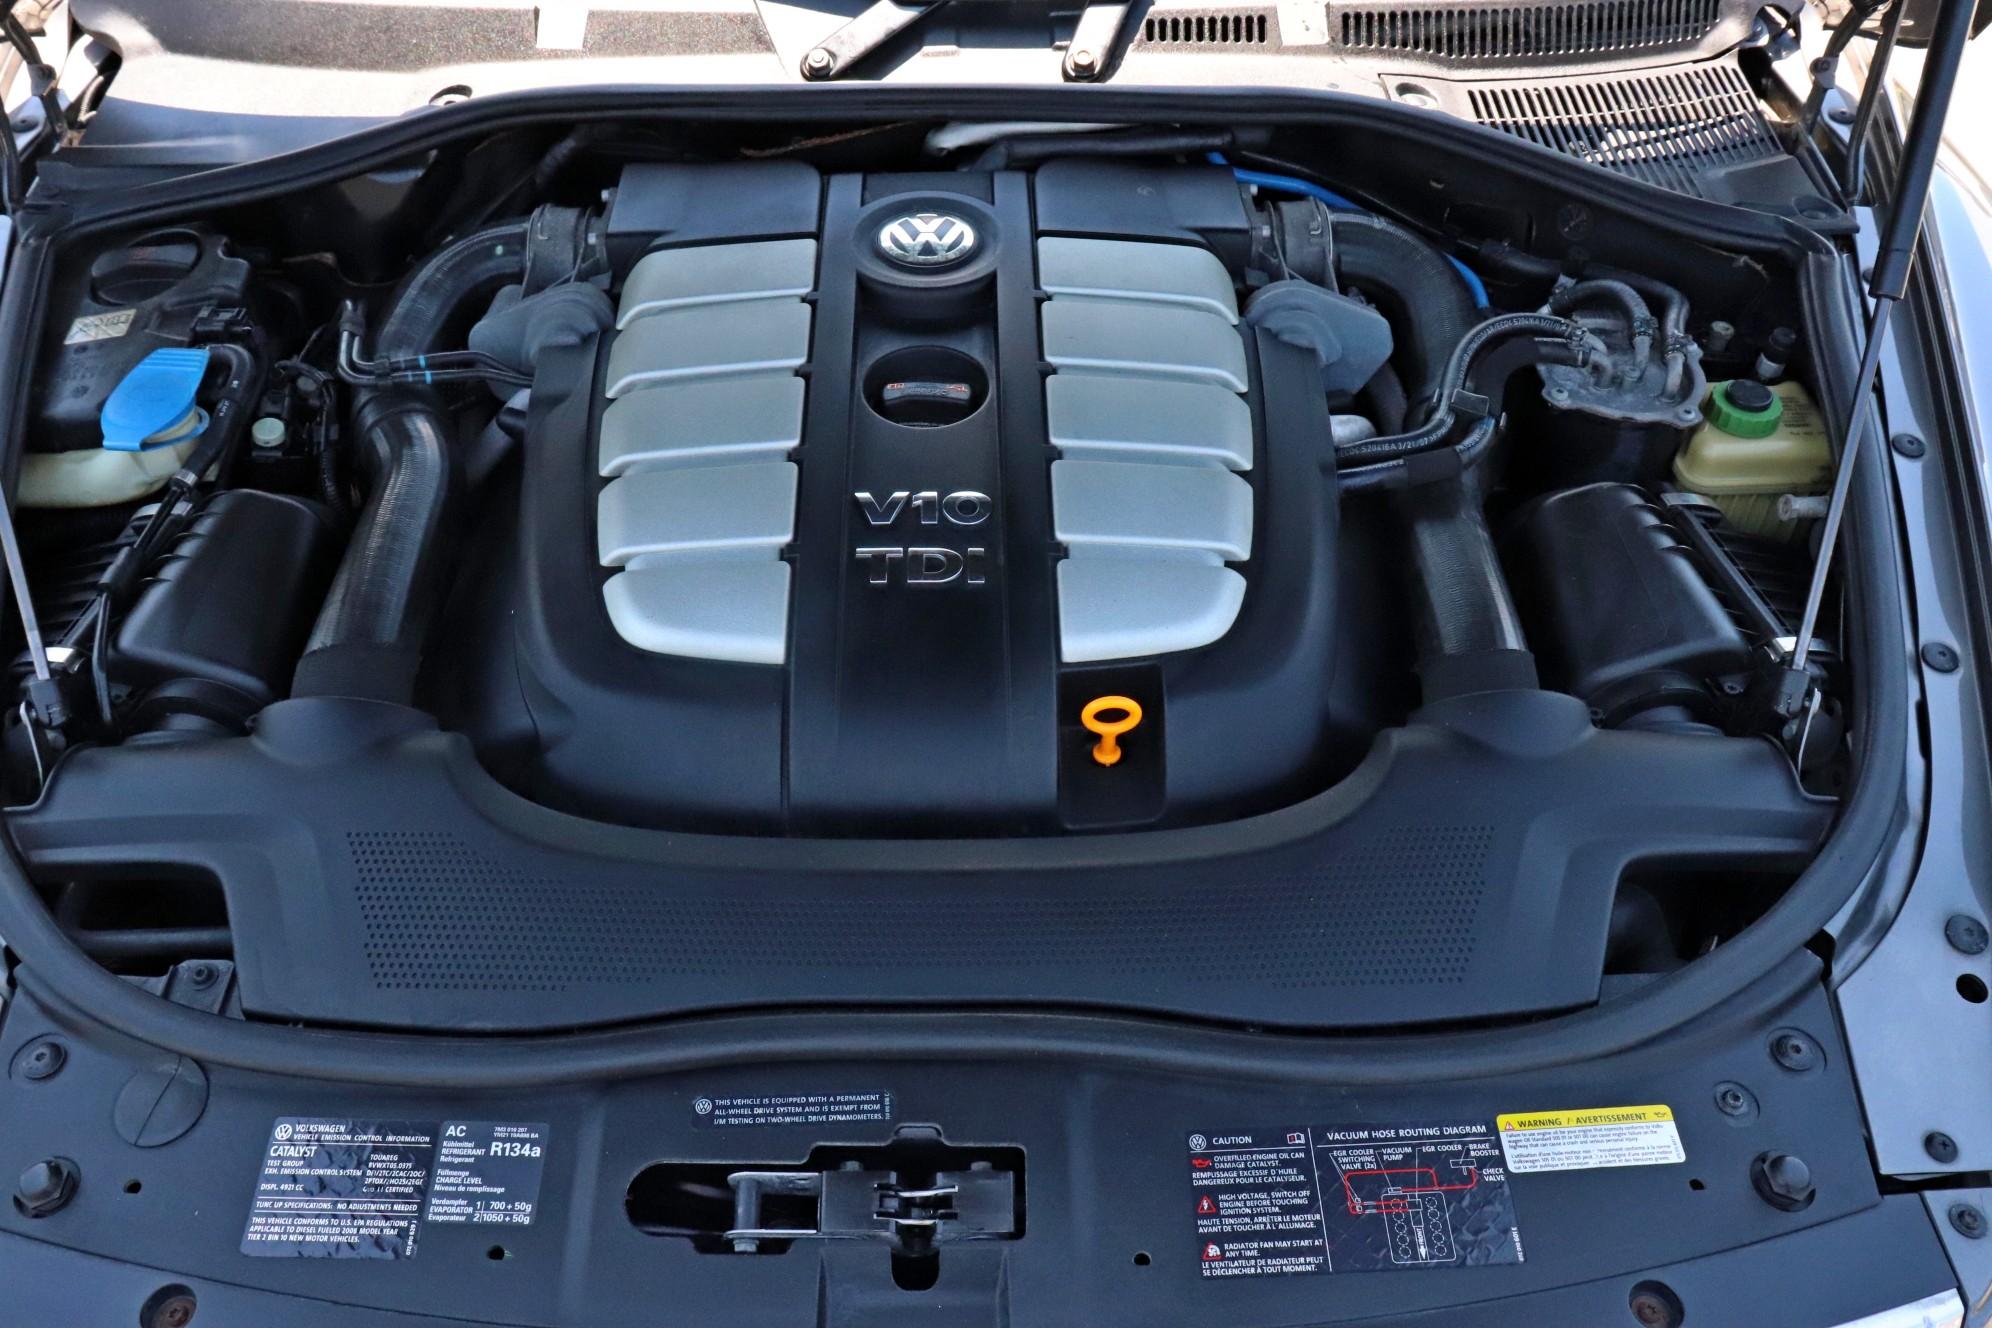 5.0 v10 tdi engine